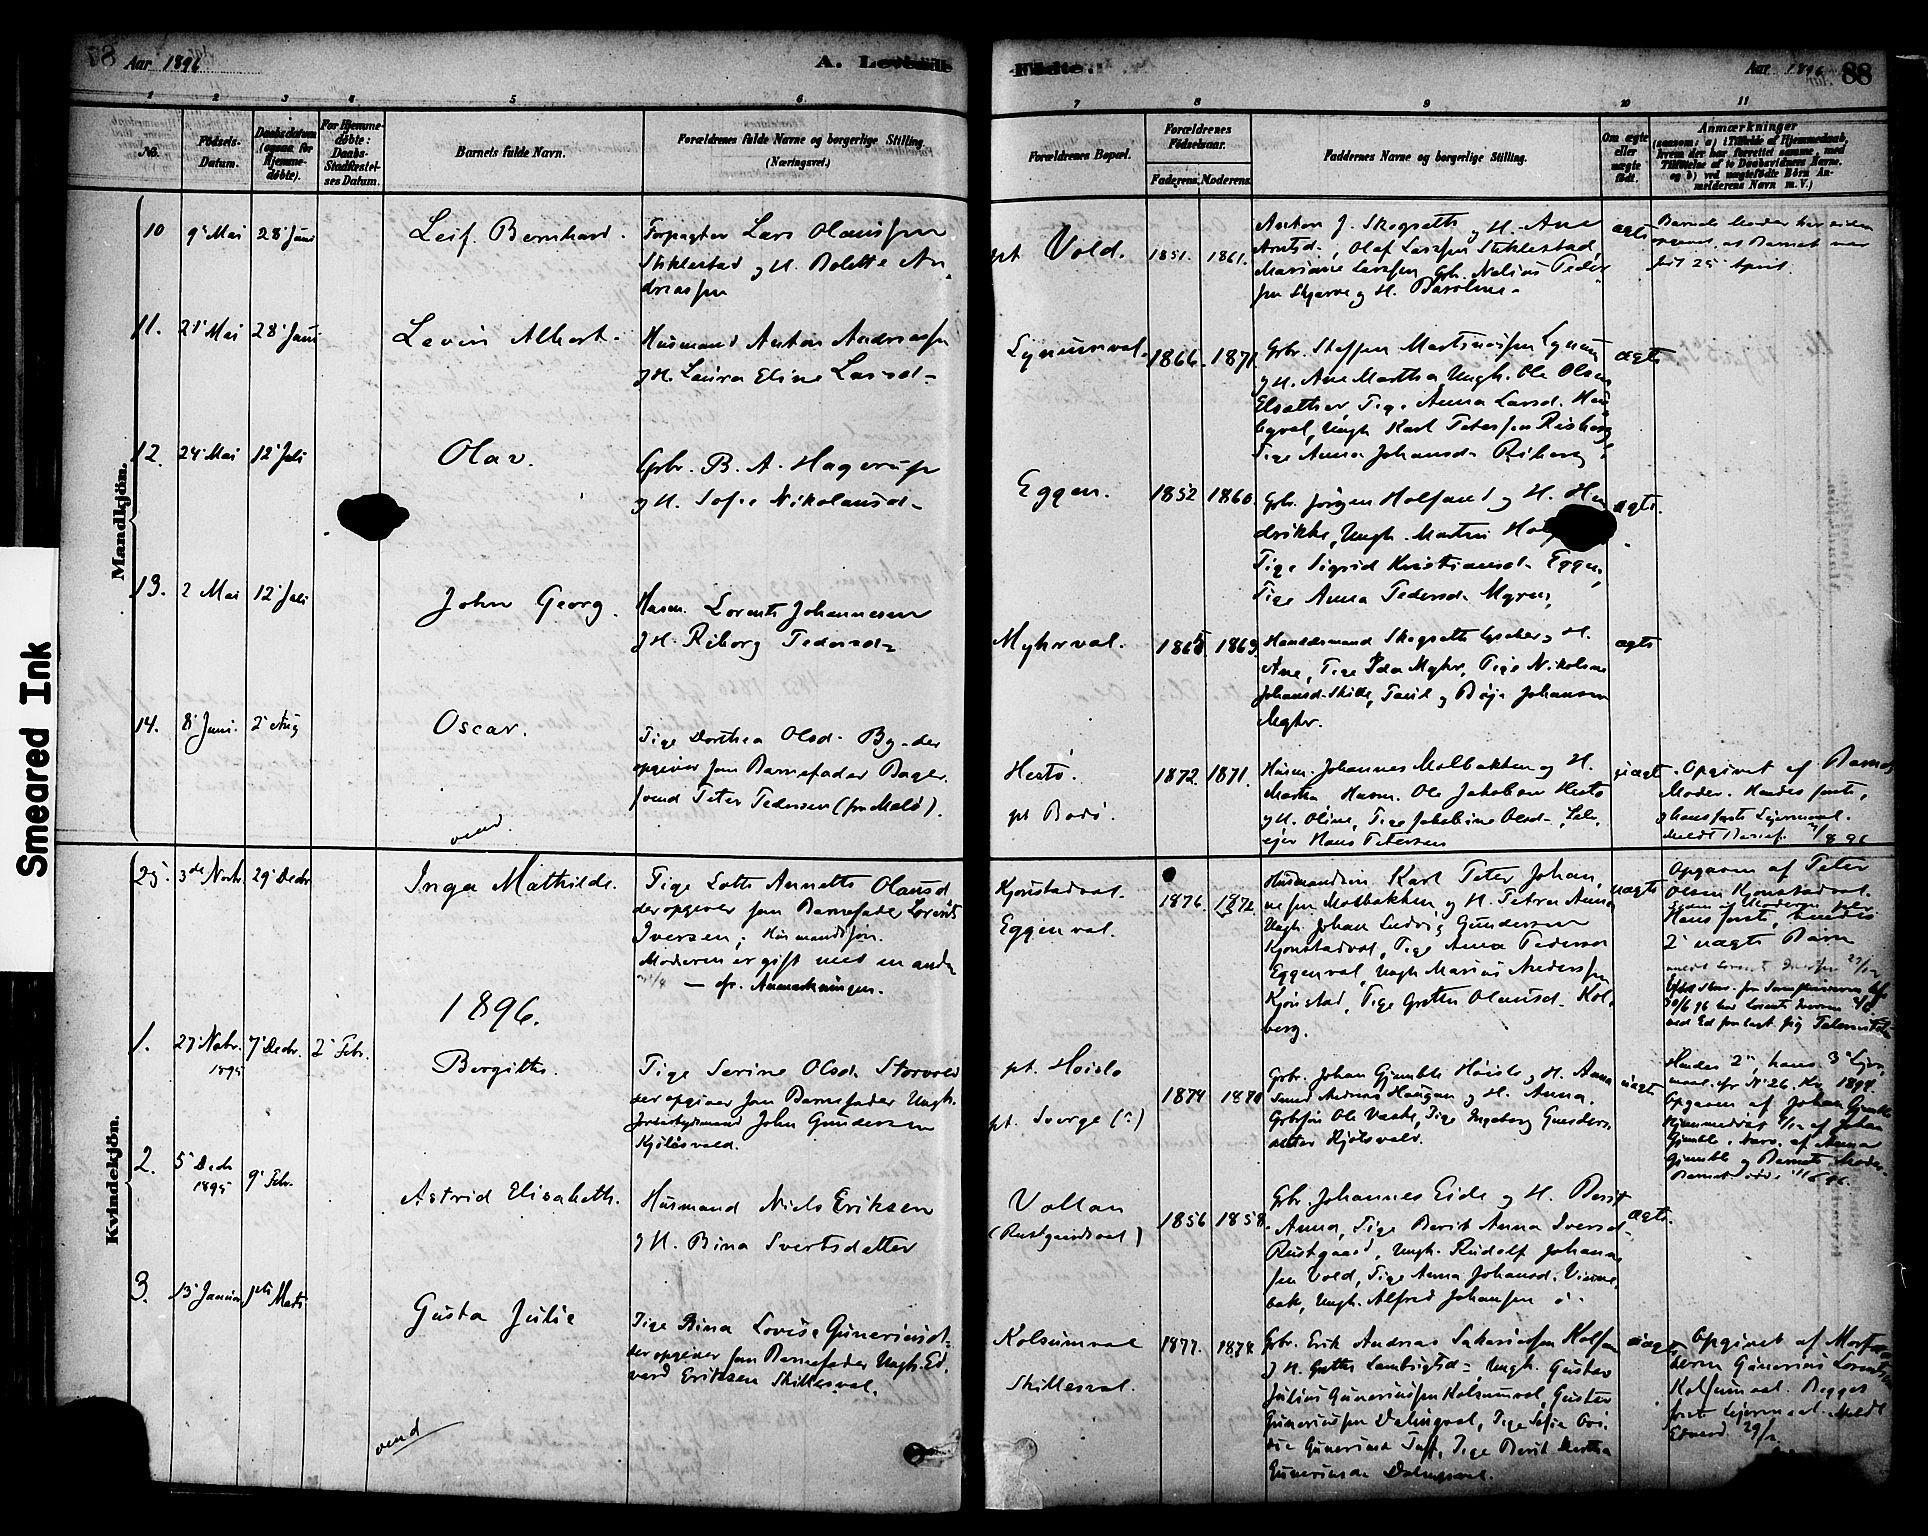 SAT, Ministerialprotokoller, klokkerbøker og fødselsregistre - Nord-Trøndelag, 717/L0159: Ministerialbok nr. 717A09, 1878-1898, s. 88